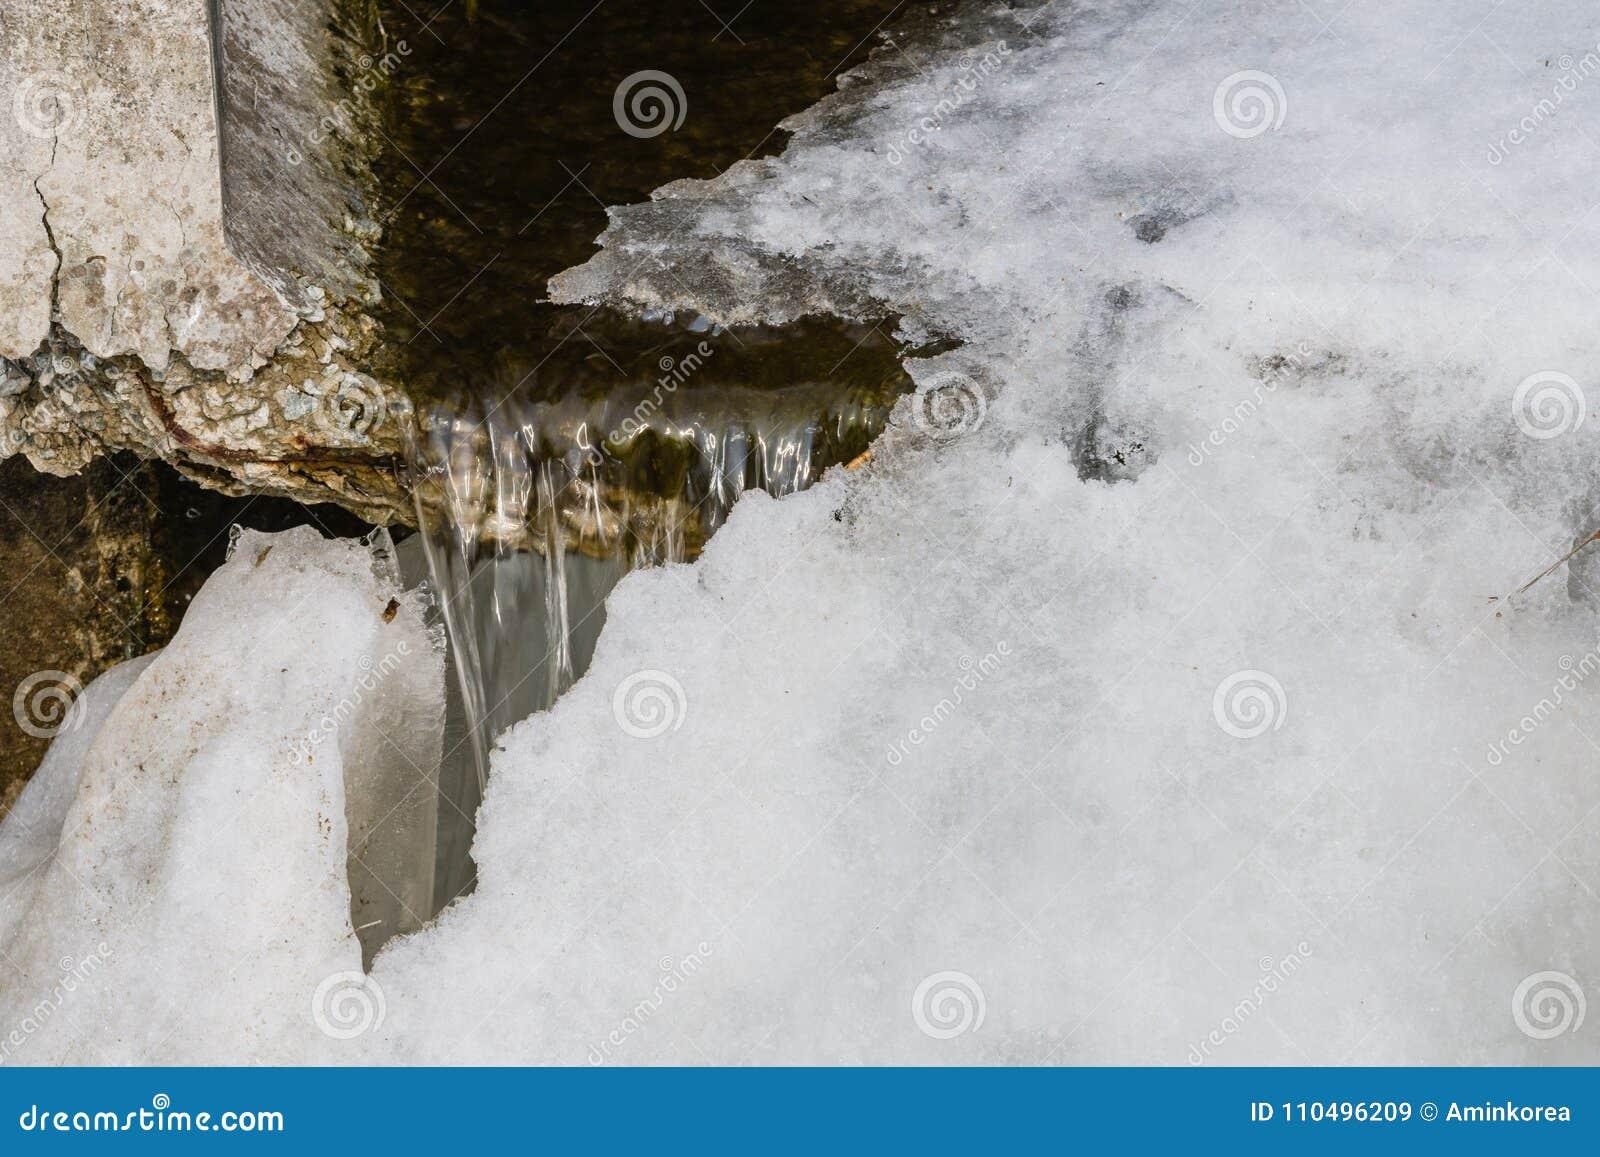 Formación de hielo en la boca de la alcantarilla